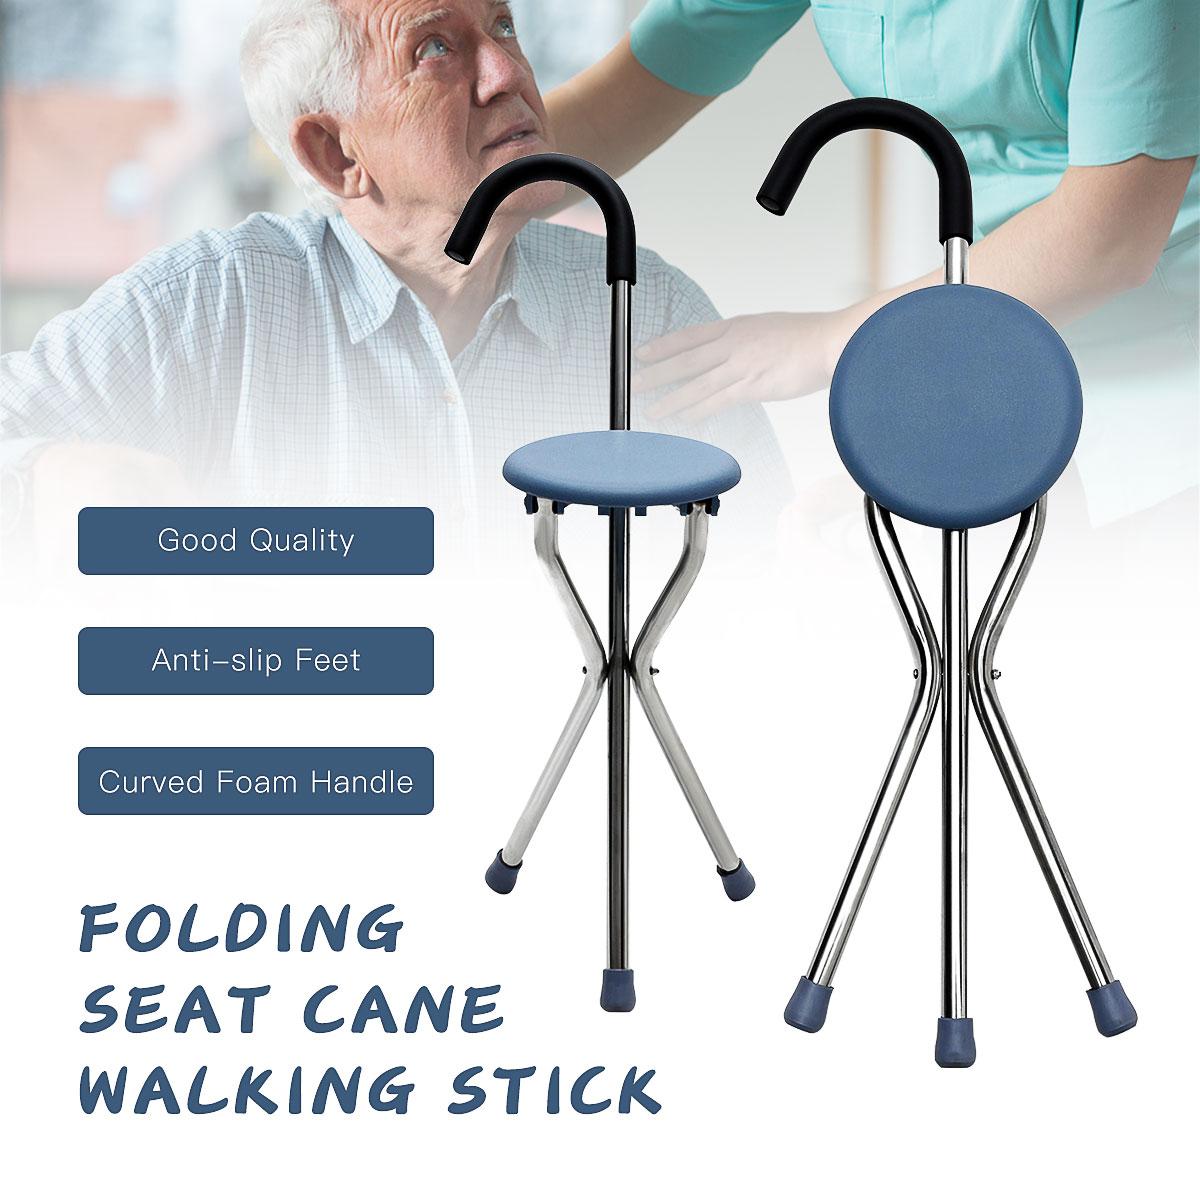 Walking Stick Chair Aluminum Walkers For Elderly Folding Elderly Walker Cane With Seat Walking Stick Old People 2 in 1 Walk/Sit